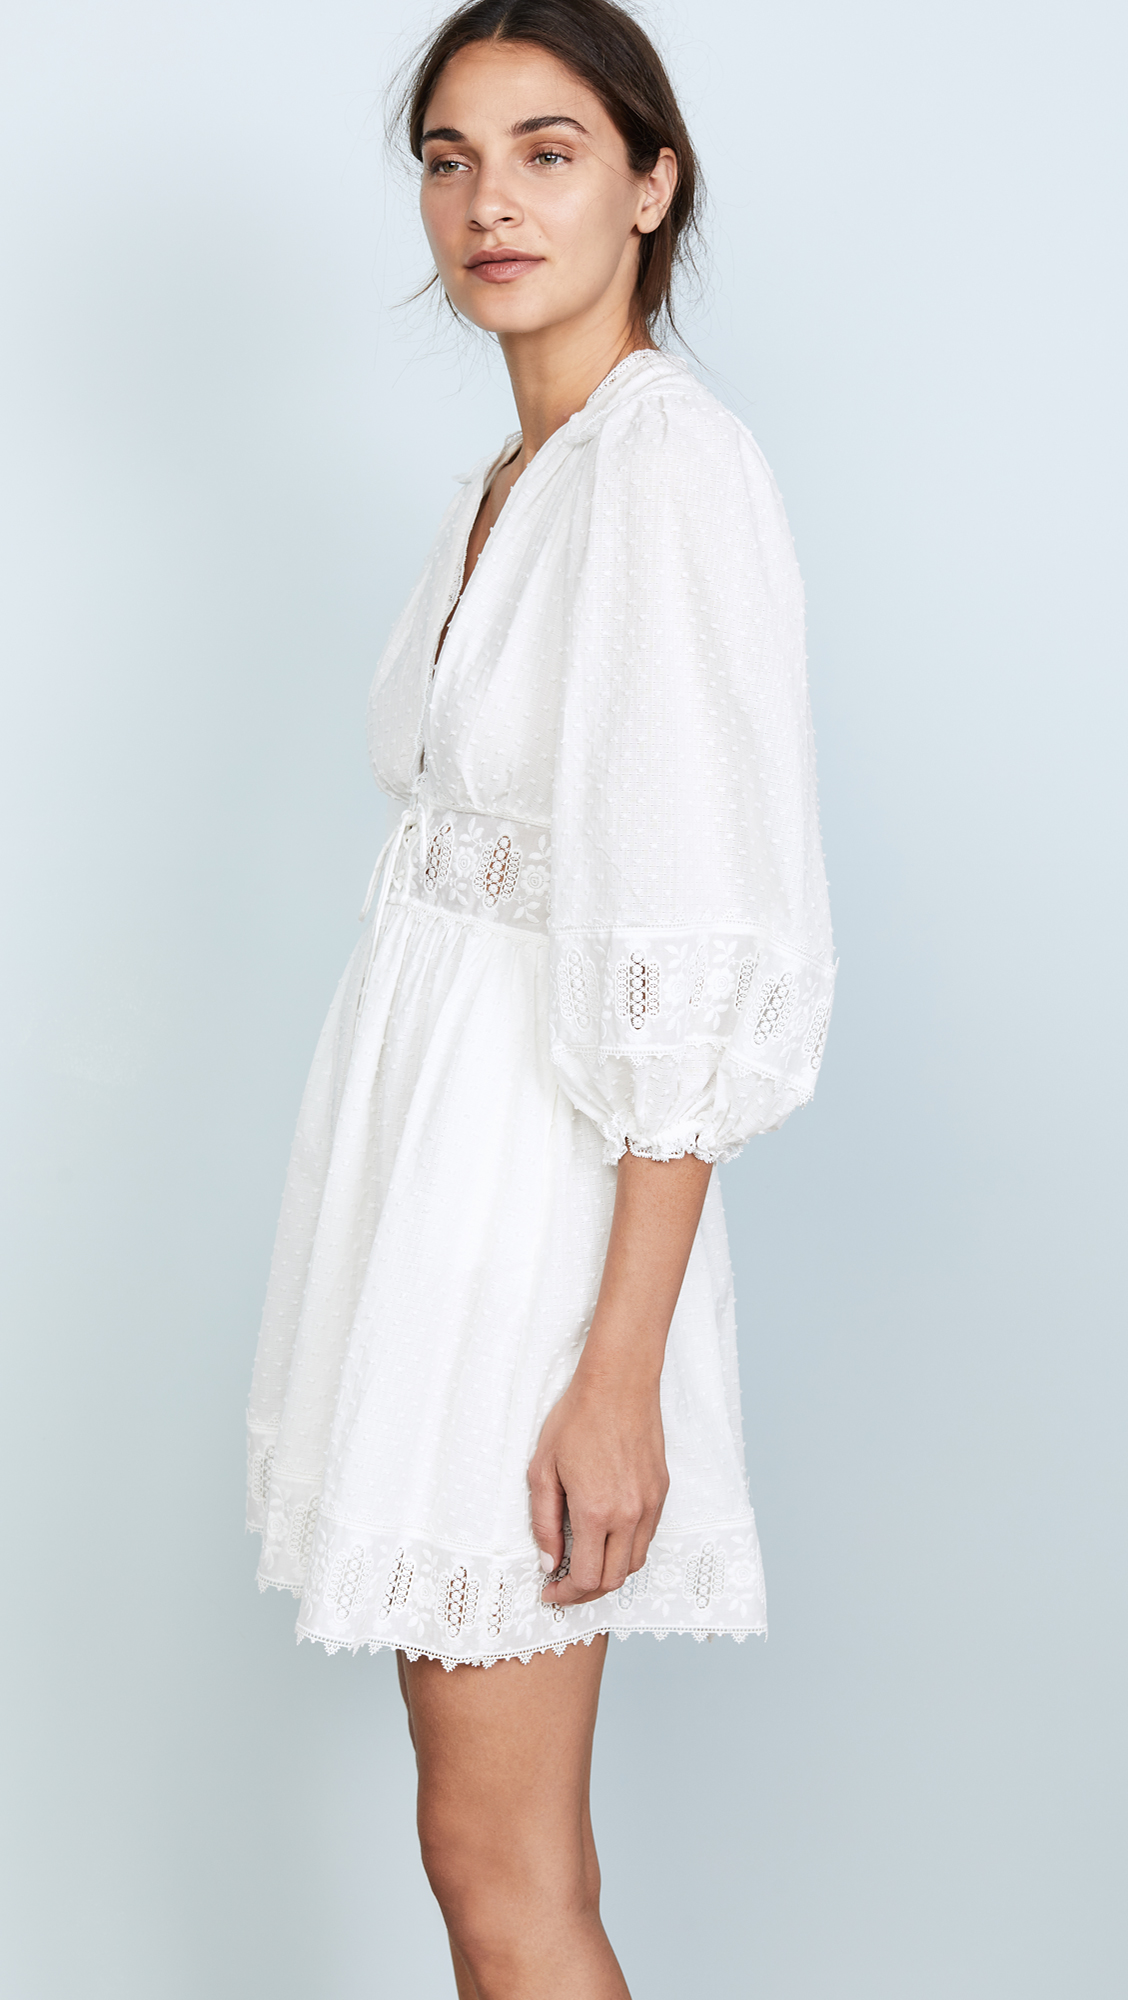 d3841c5fd05 Zimmermann Iris Corset Waist Dress